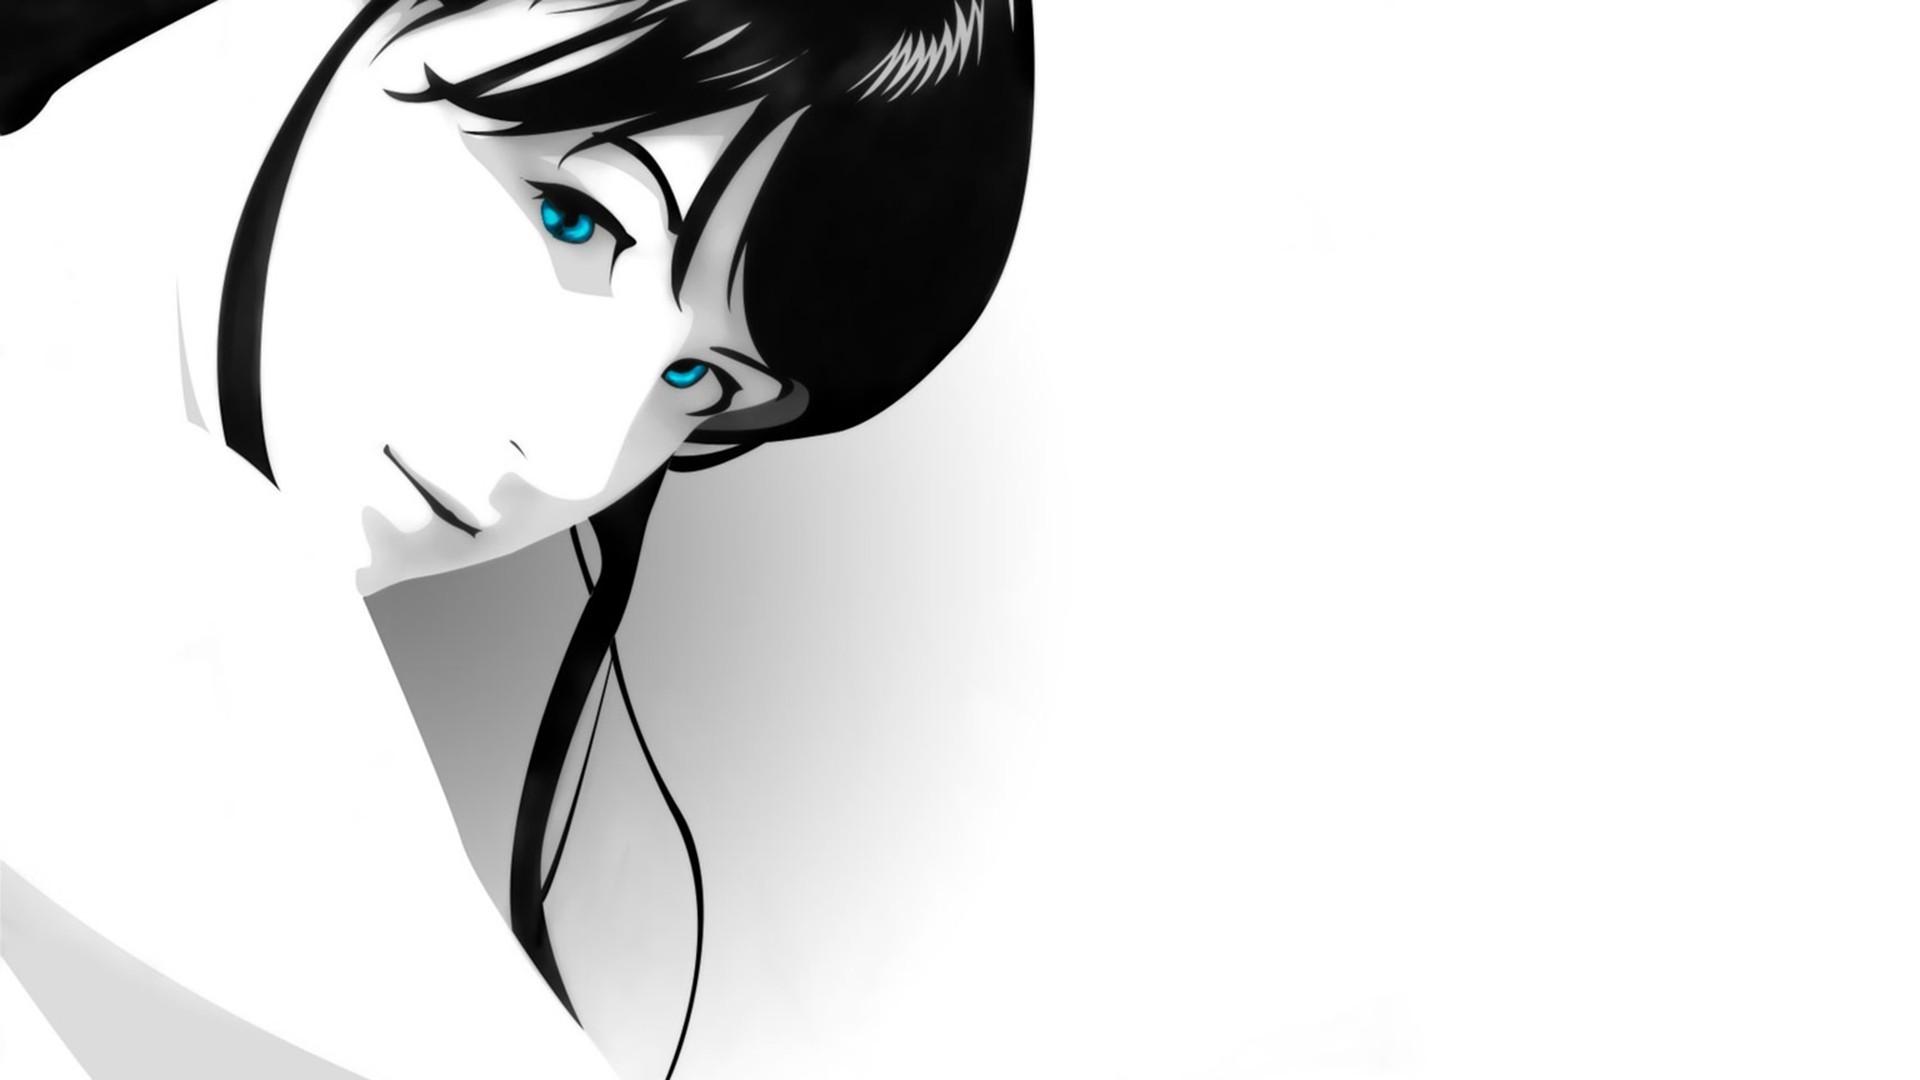 75+ Gambar Sketsa Animasi Kartun Keren Paling Hist